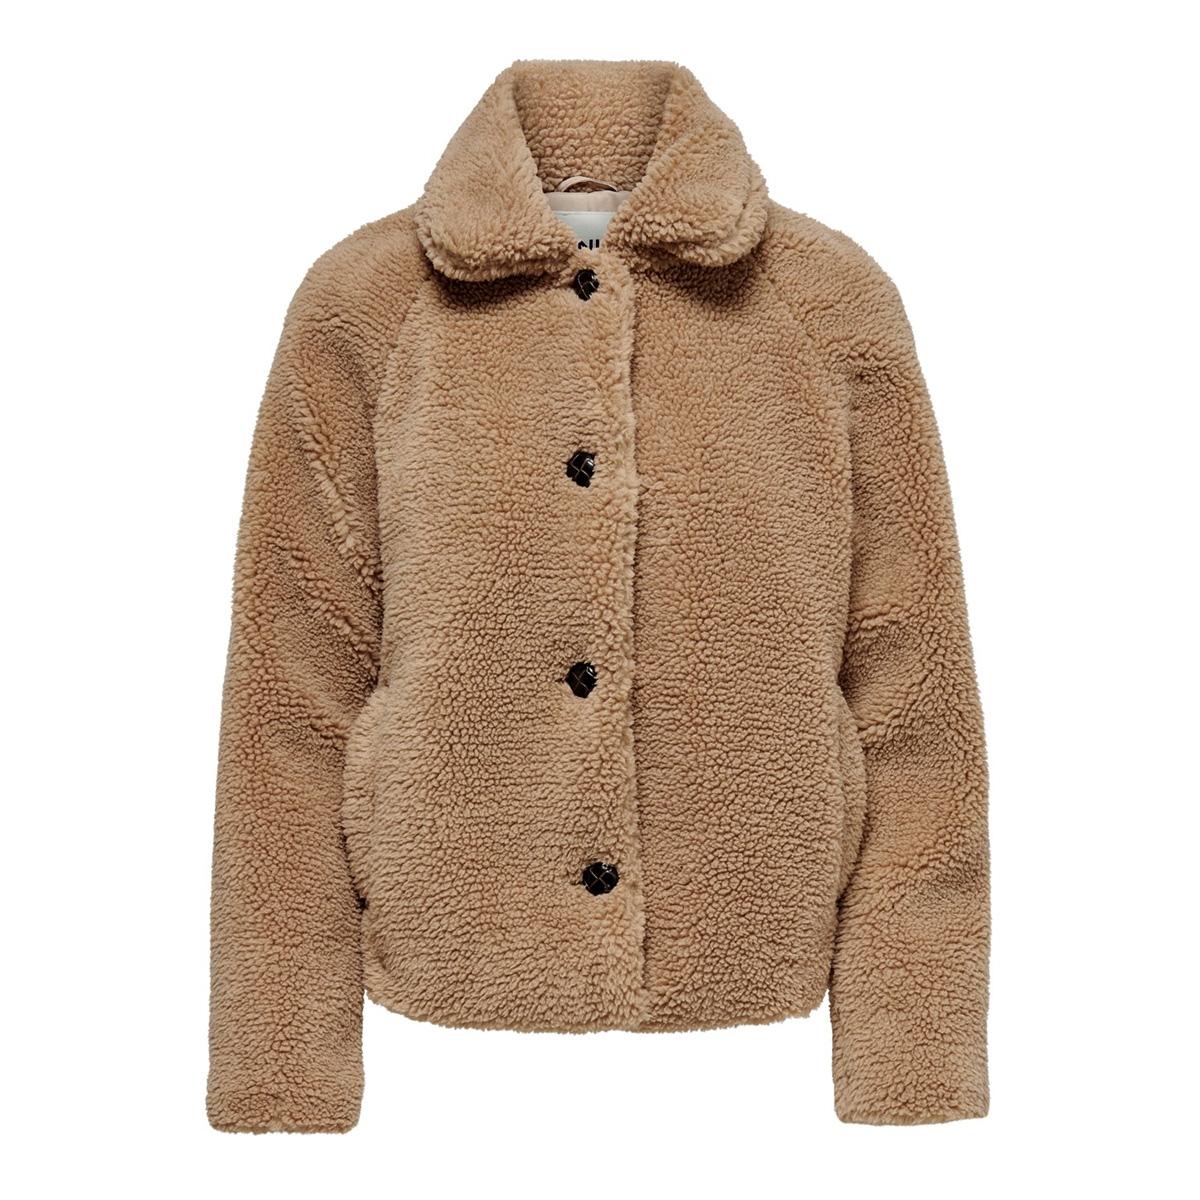 onlemily teddy jacket otw 15182133 only jas cuban sand